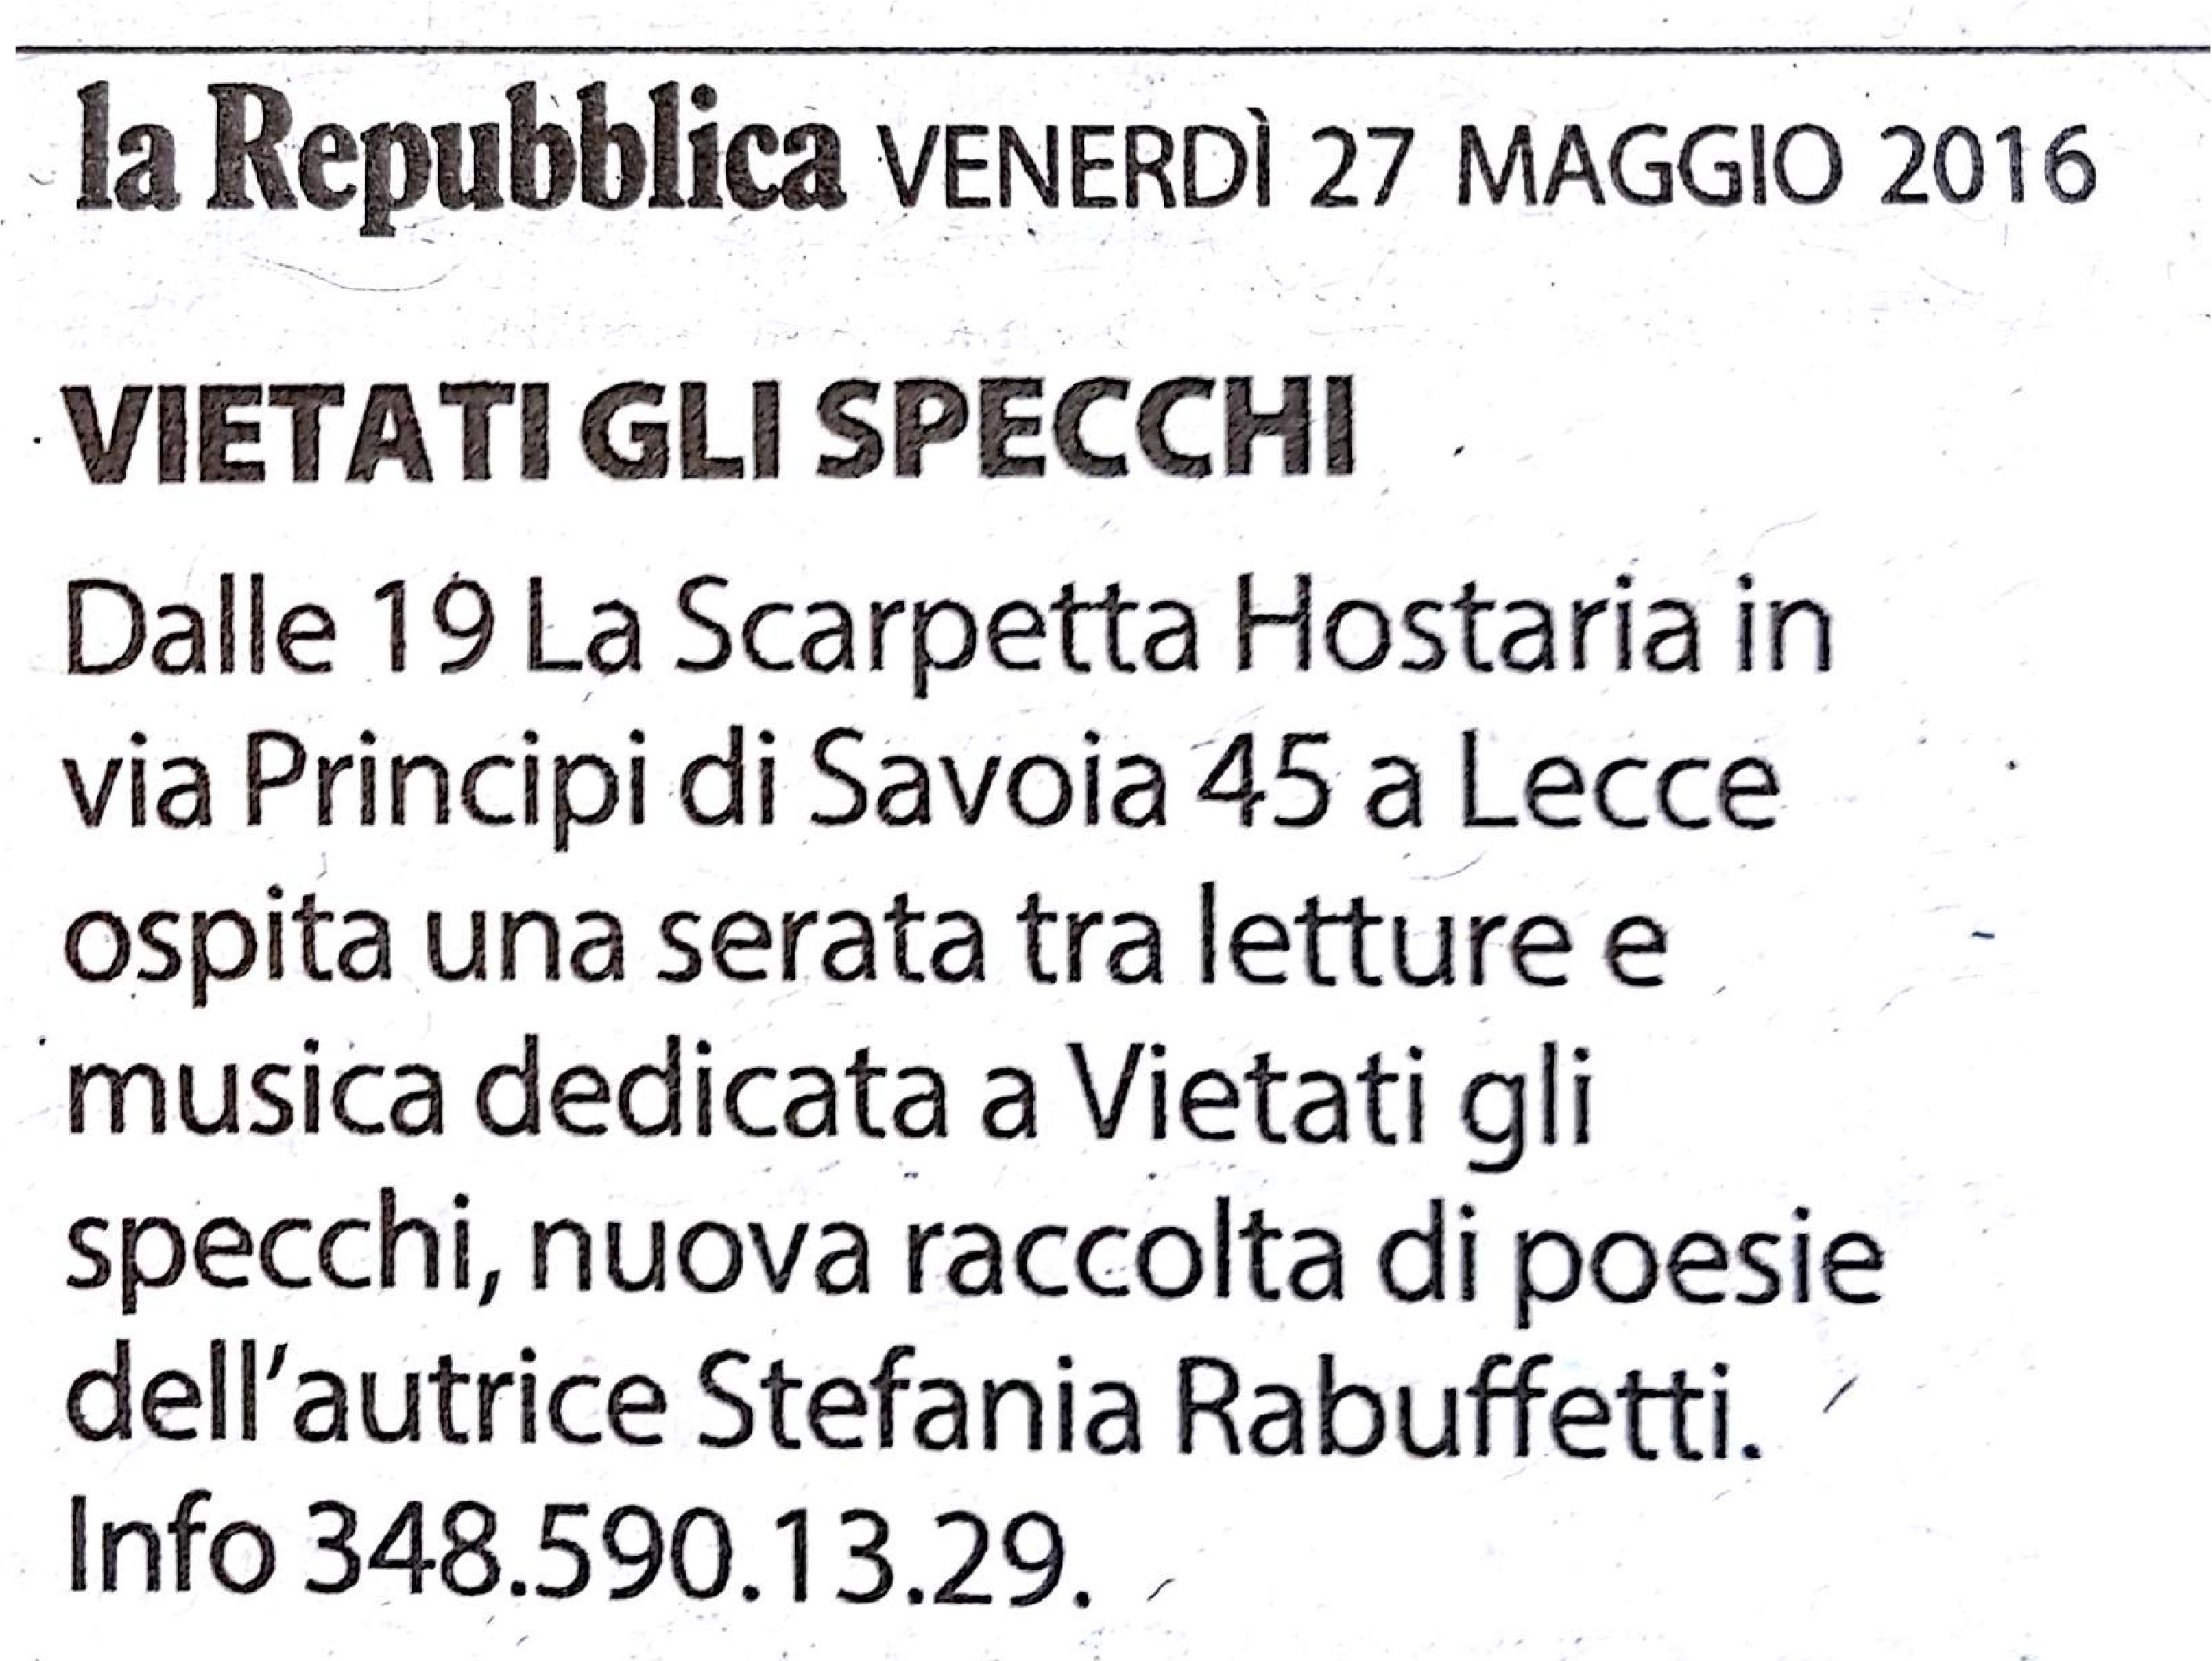 La Repubblica - 27 maggio 2016